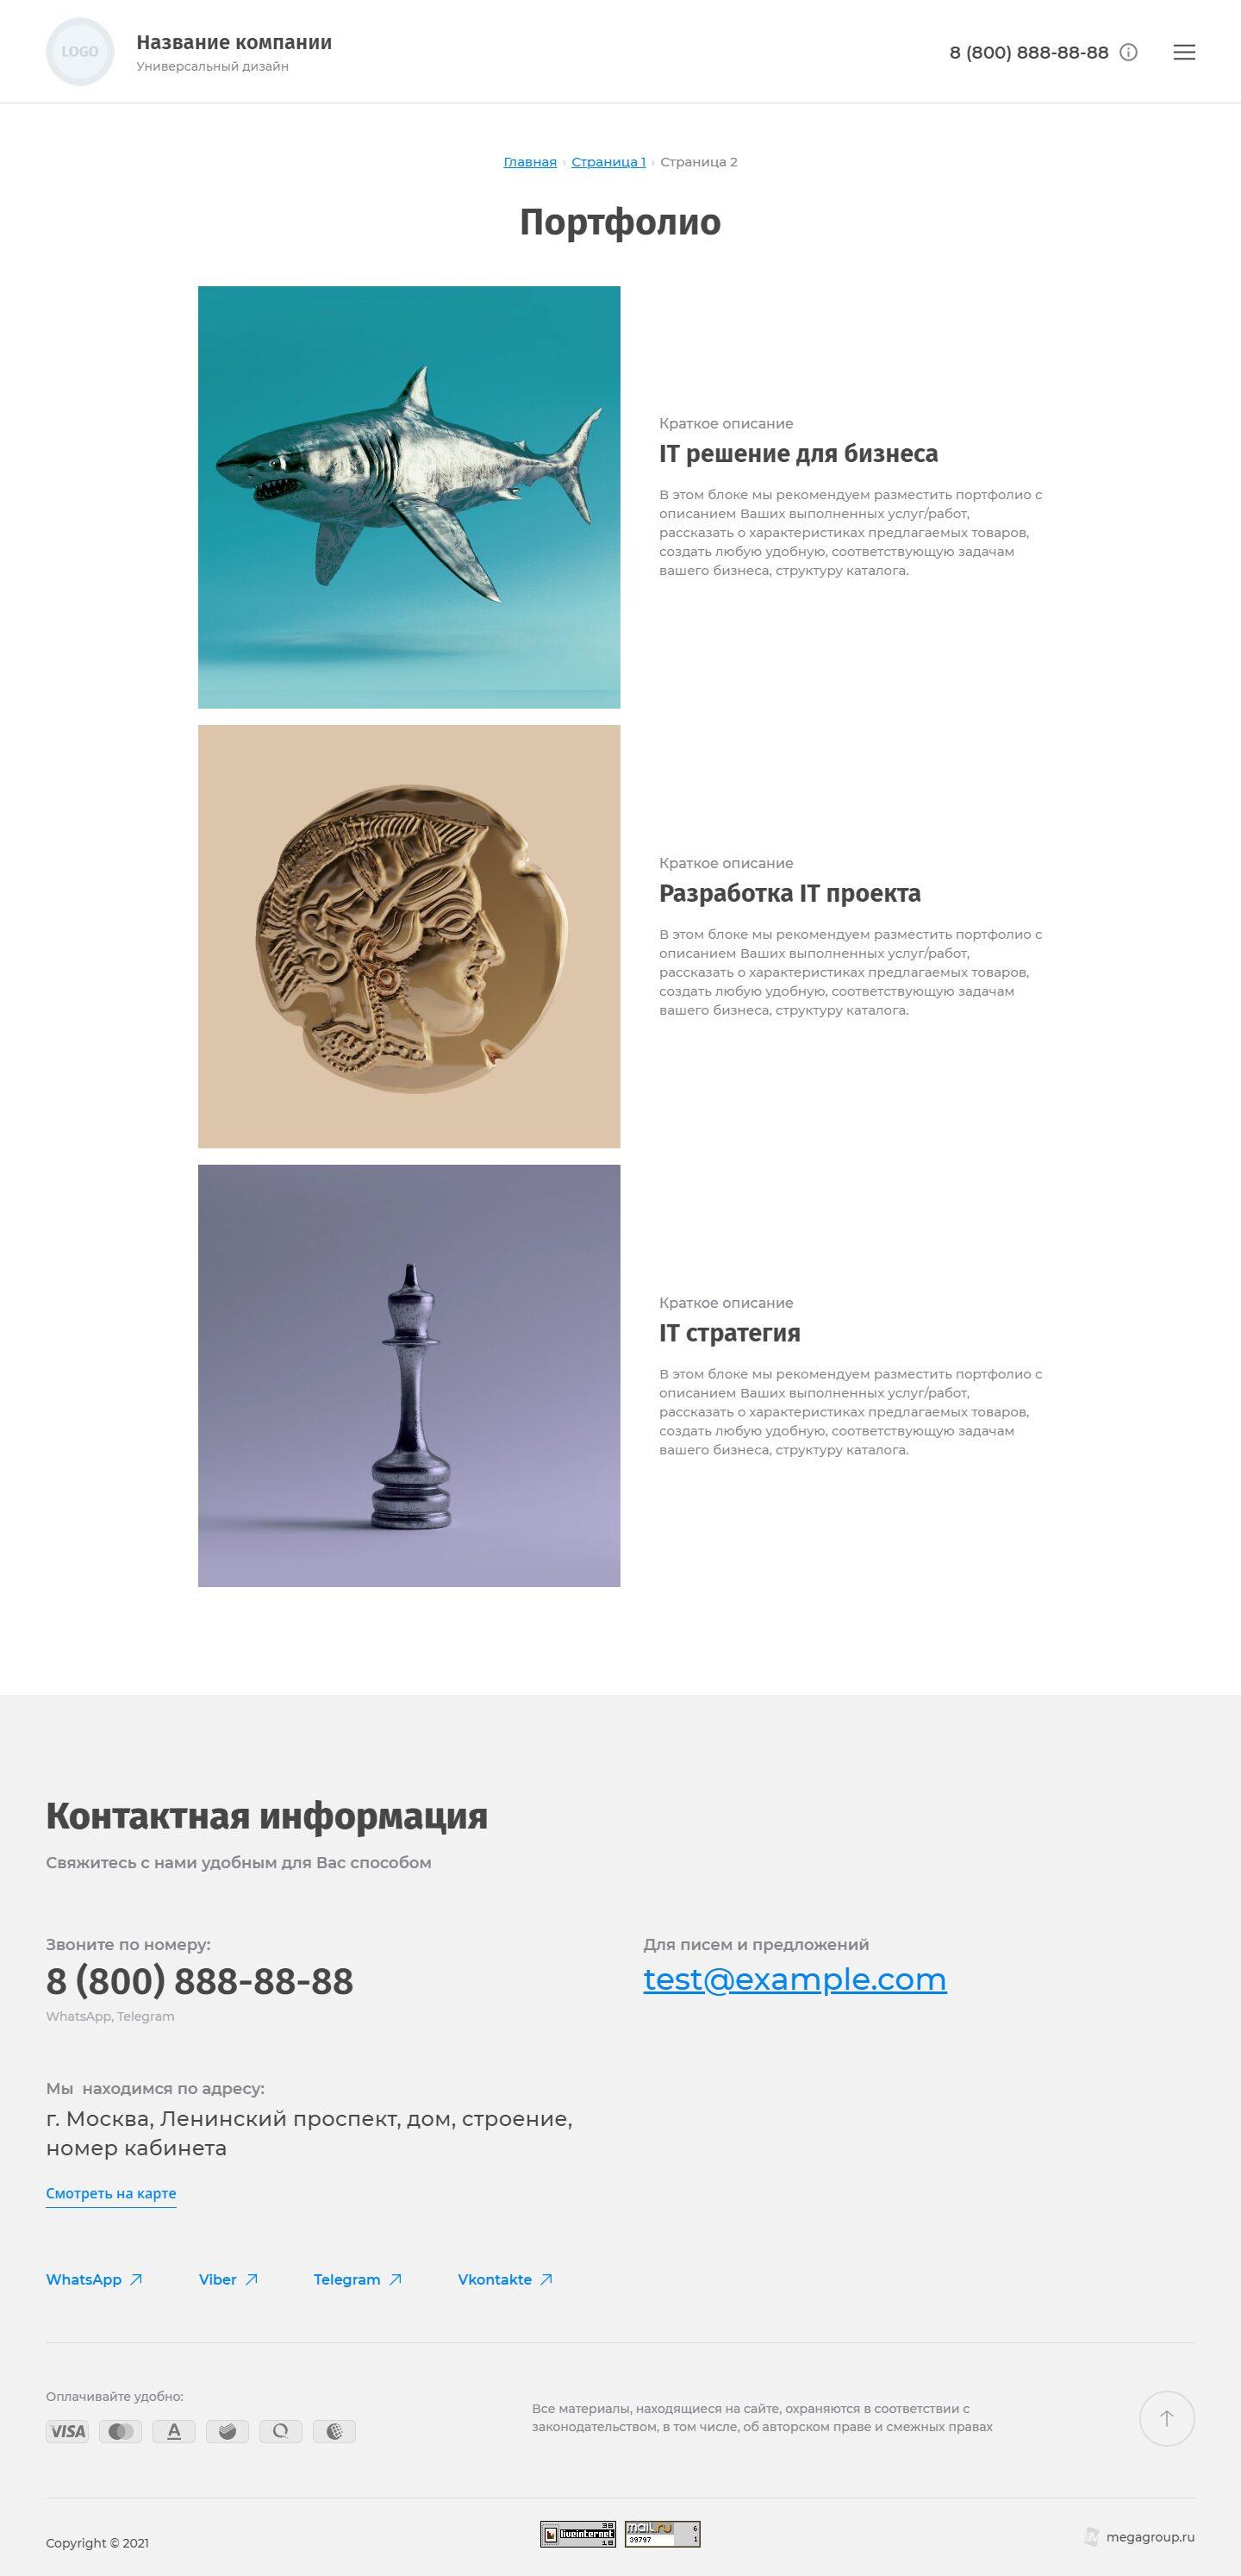 Готовый Сайт-Бизнес #3011116 - Универсальный дизайн (Портфолио)